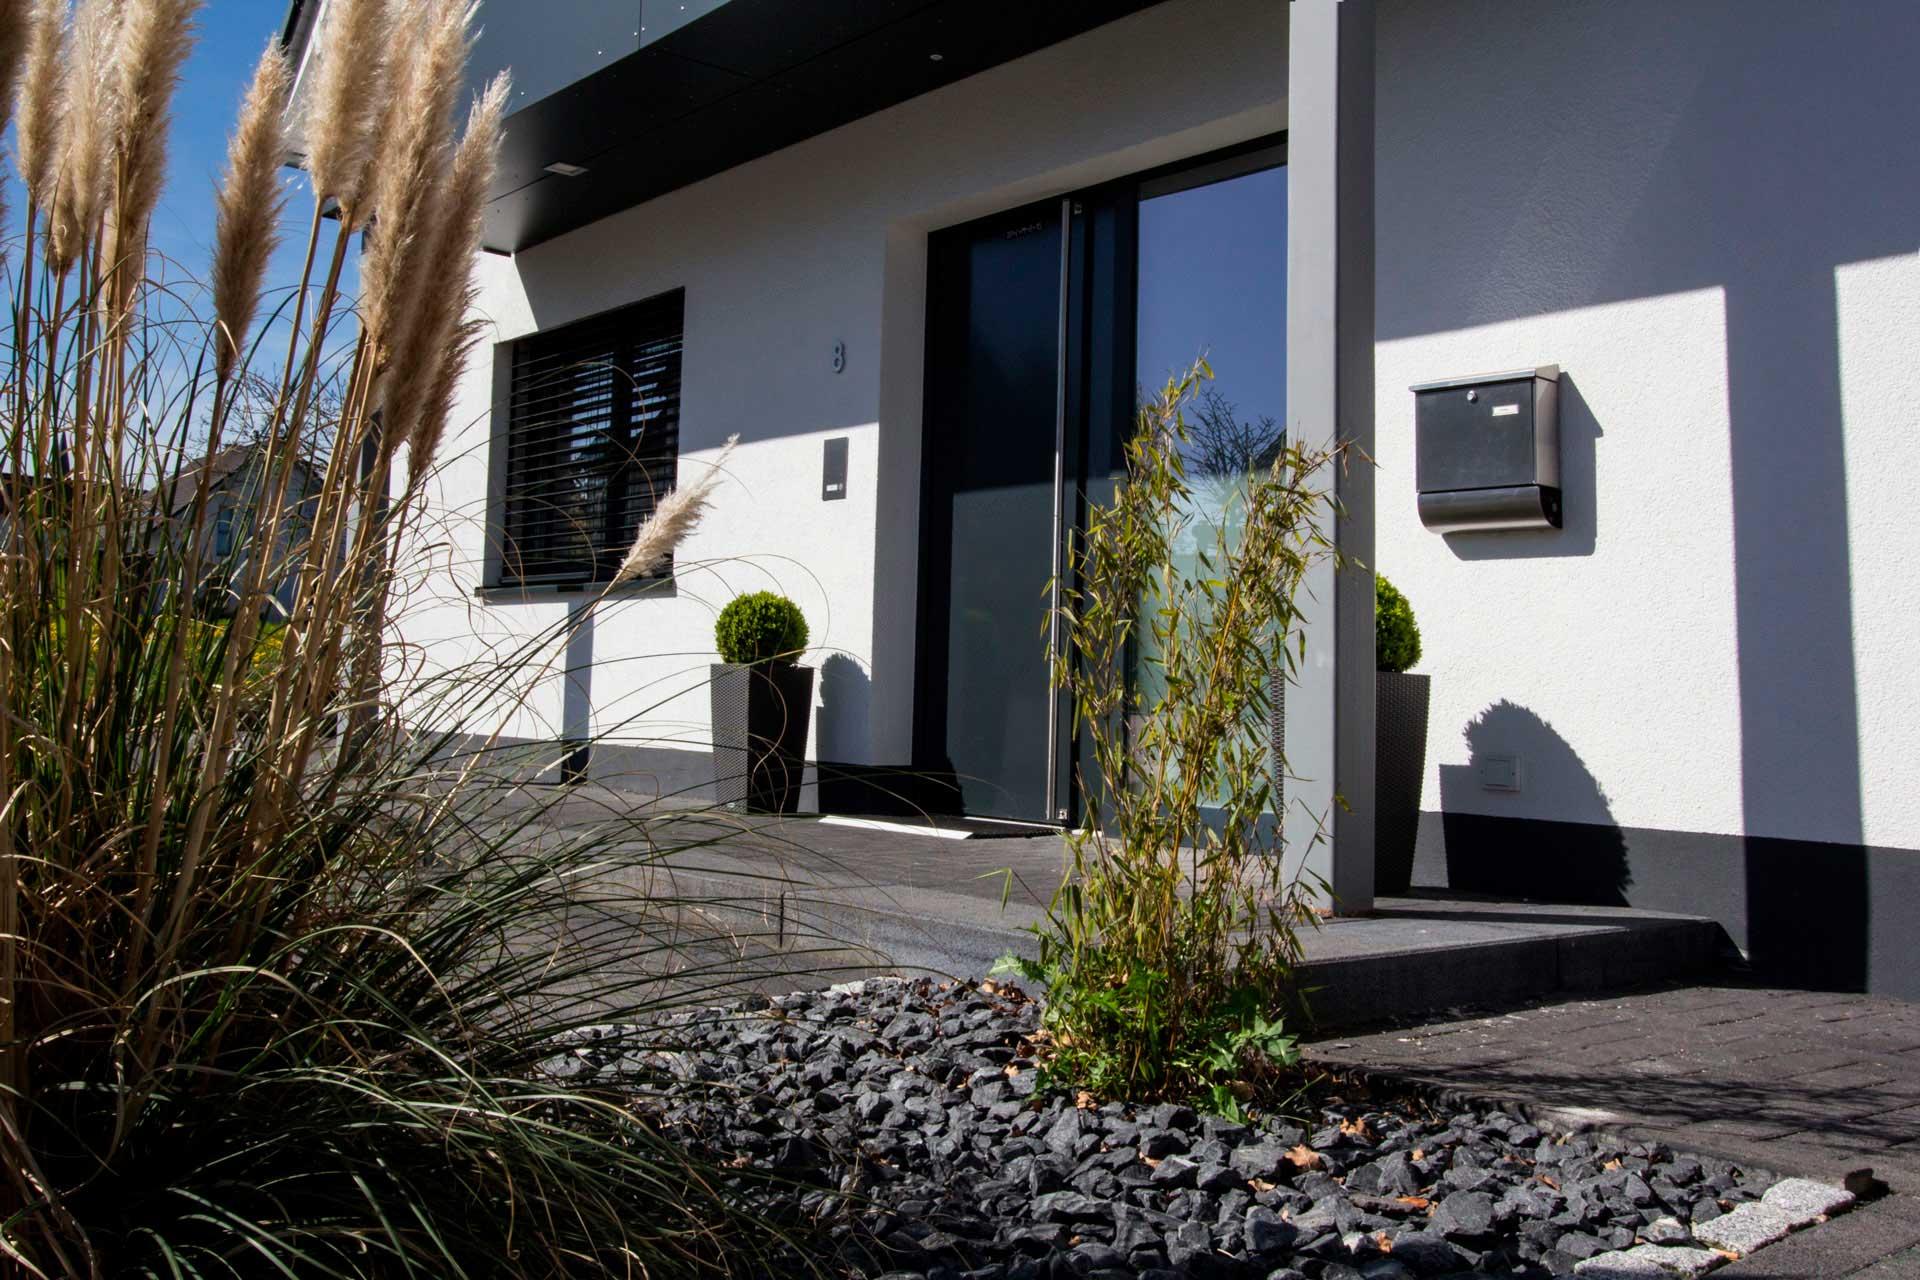 Eingangstür zum Eigenheim, Architekturbüro Christine Hastenteufel